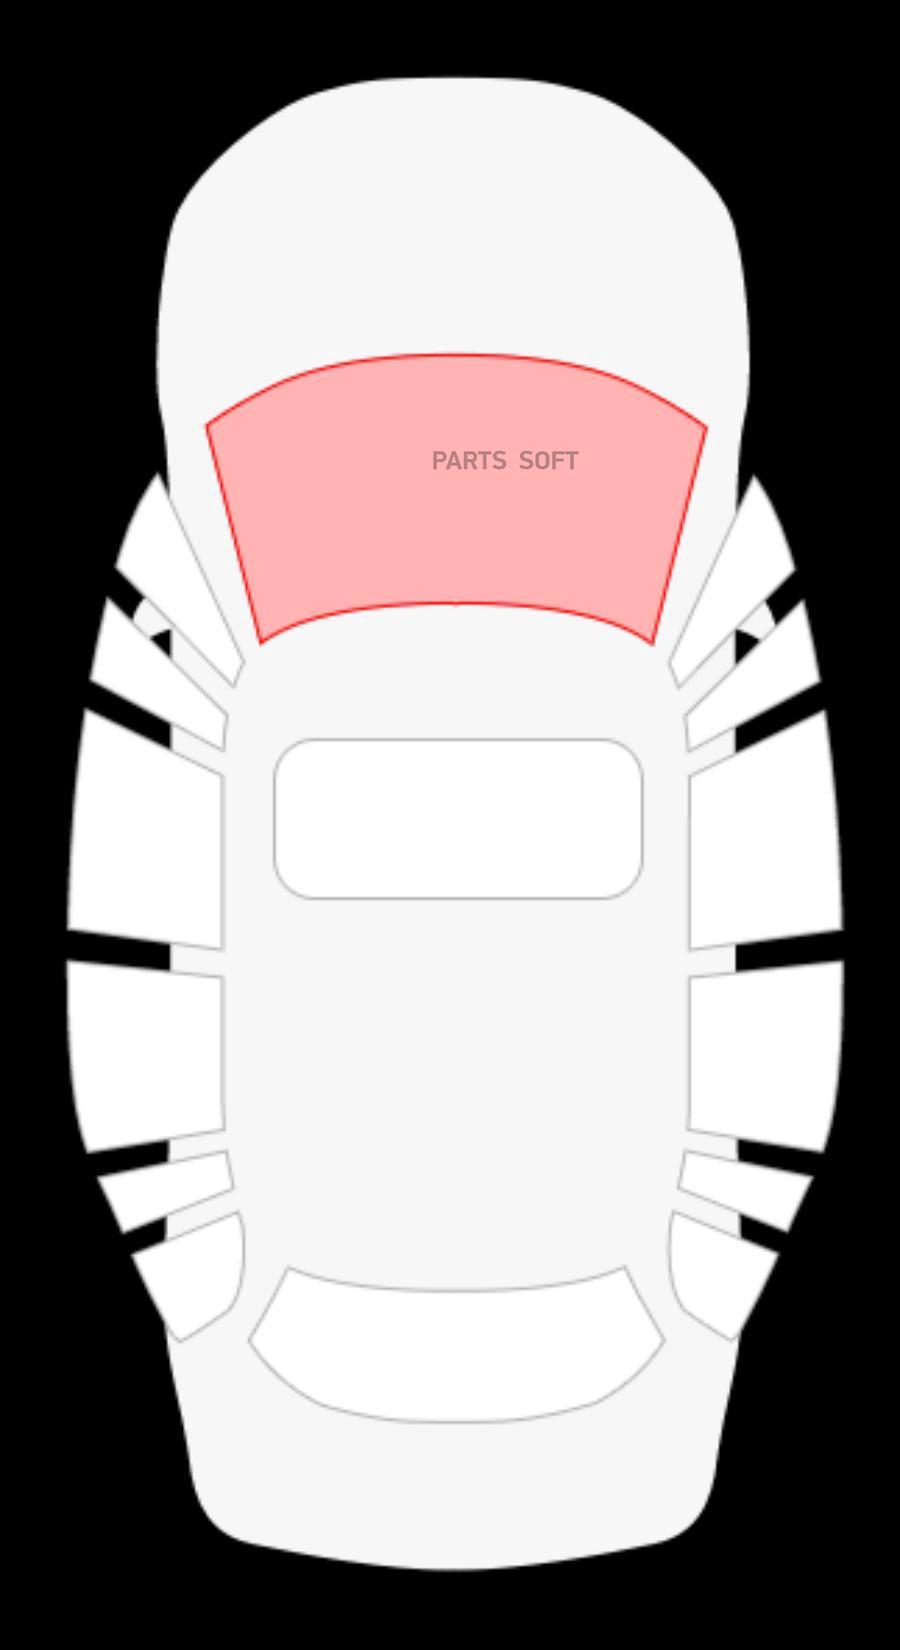 Honda Accord 4D седан / 5D Stw (изменения по шелку) (без полосы)